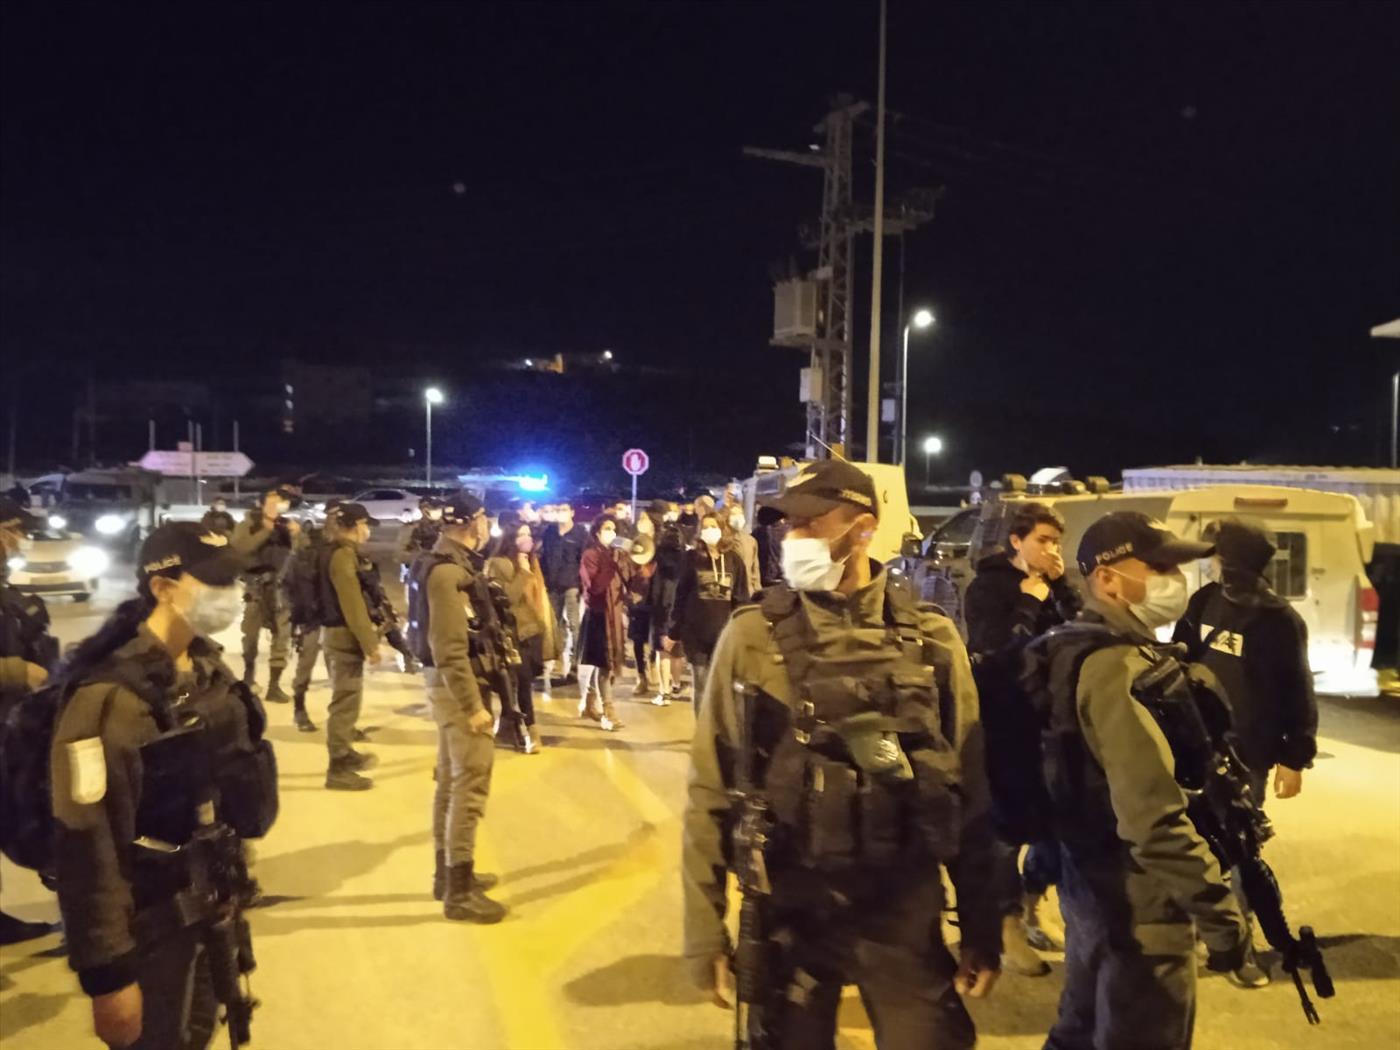 הפגנת מחאה על רצח אהוביה סנדק. ארכיון